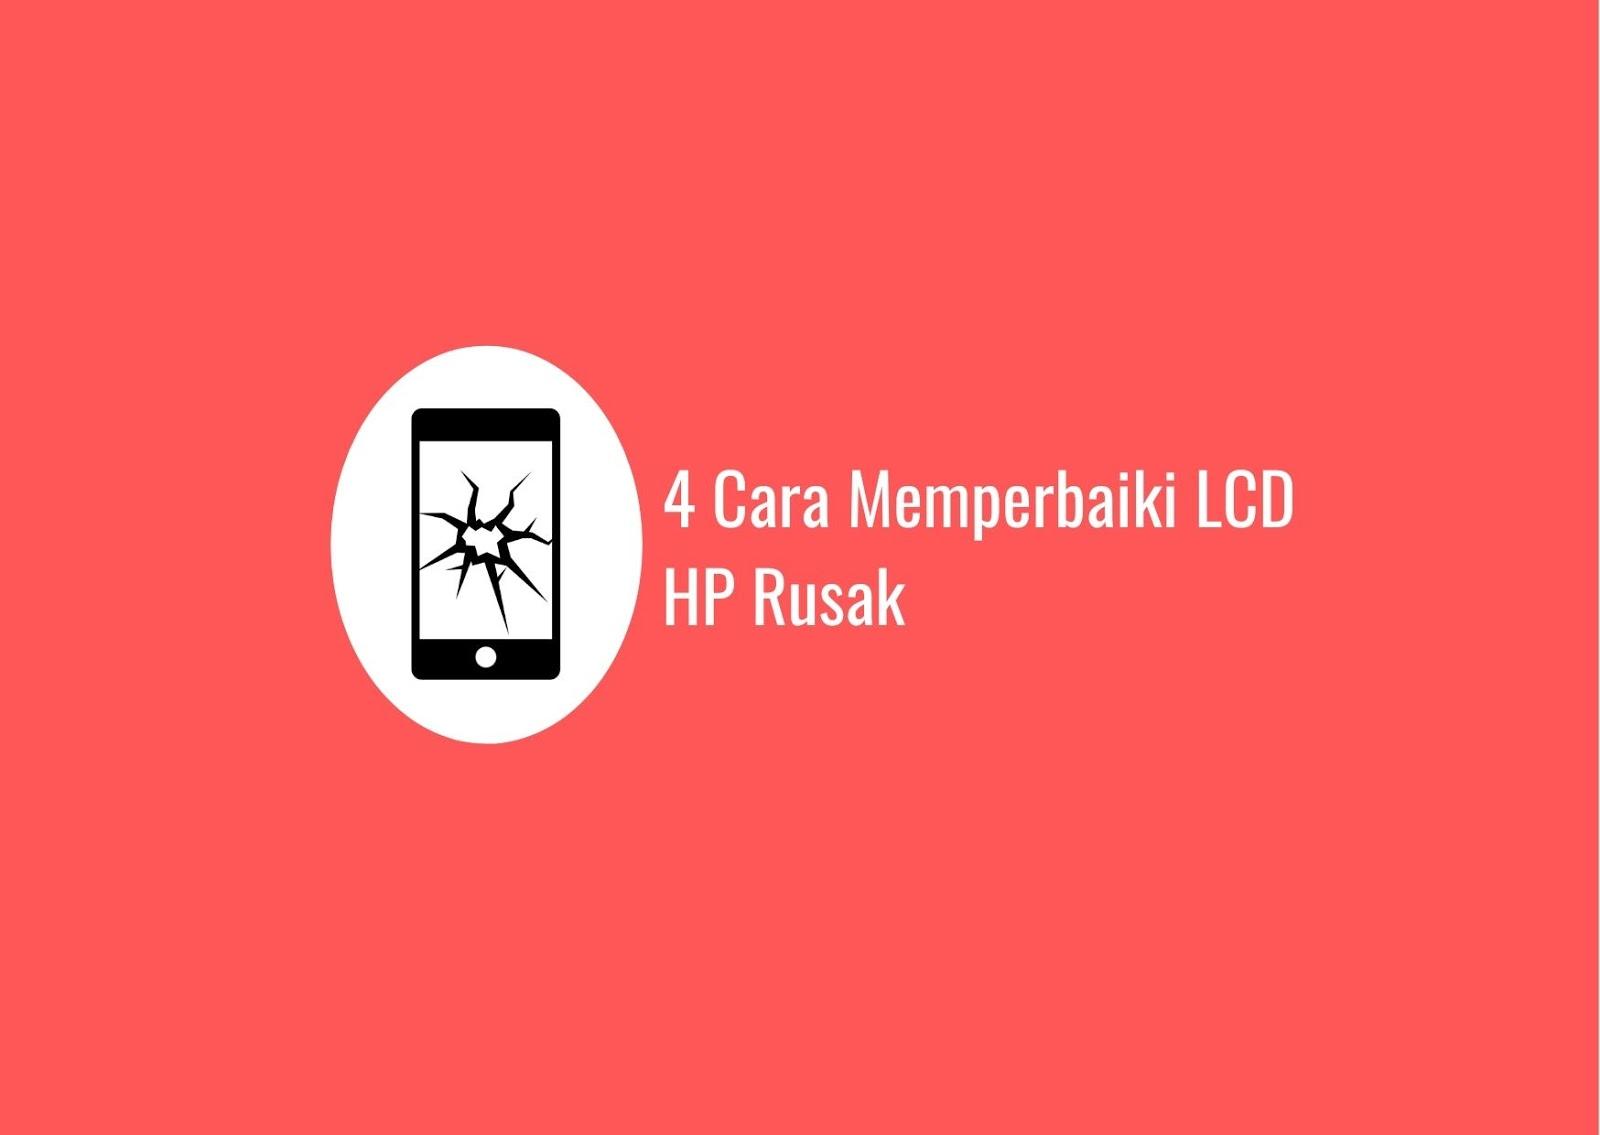 4 Cara Memperbaiki LCD HP Rusak